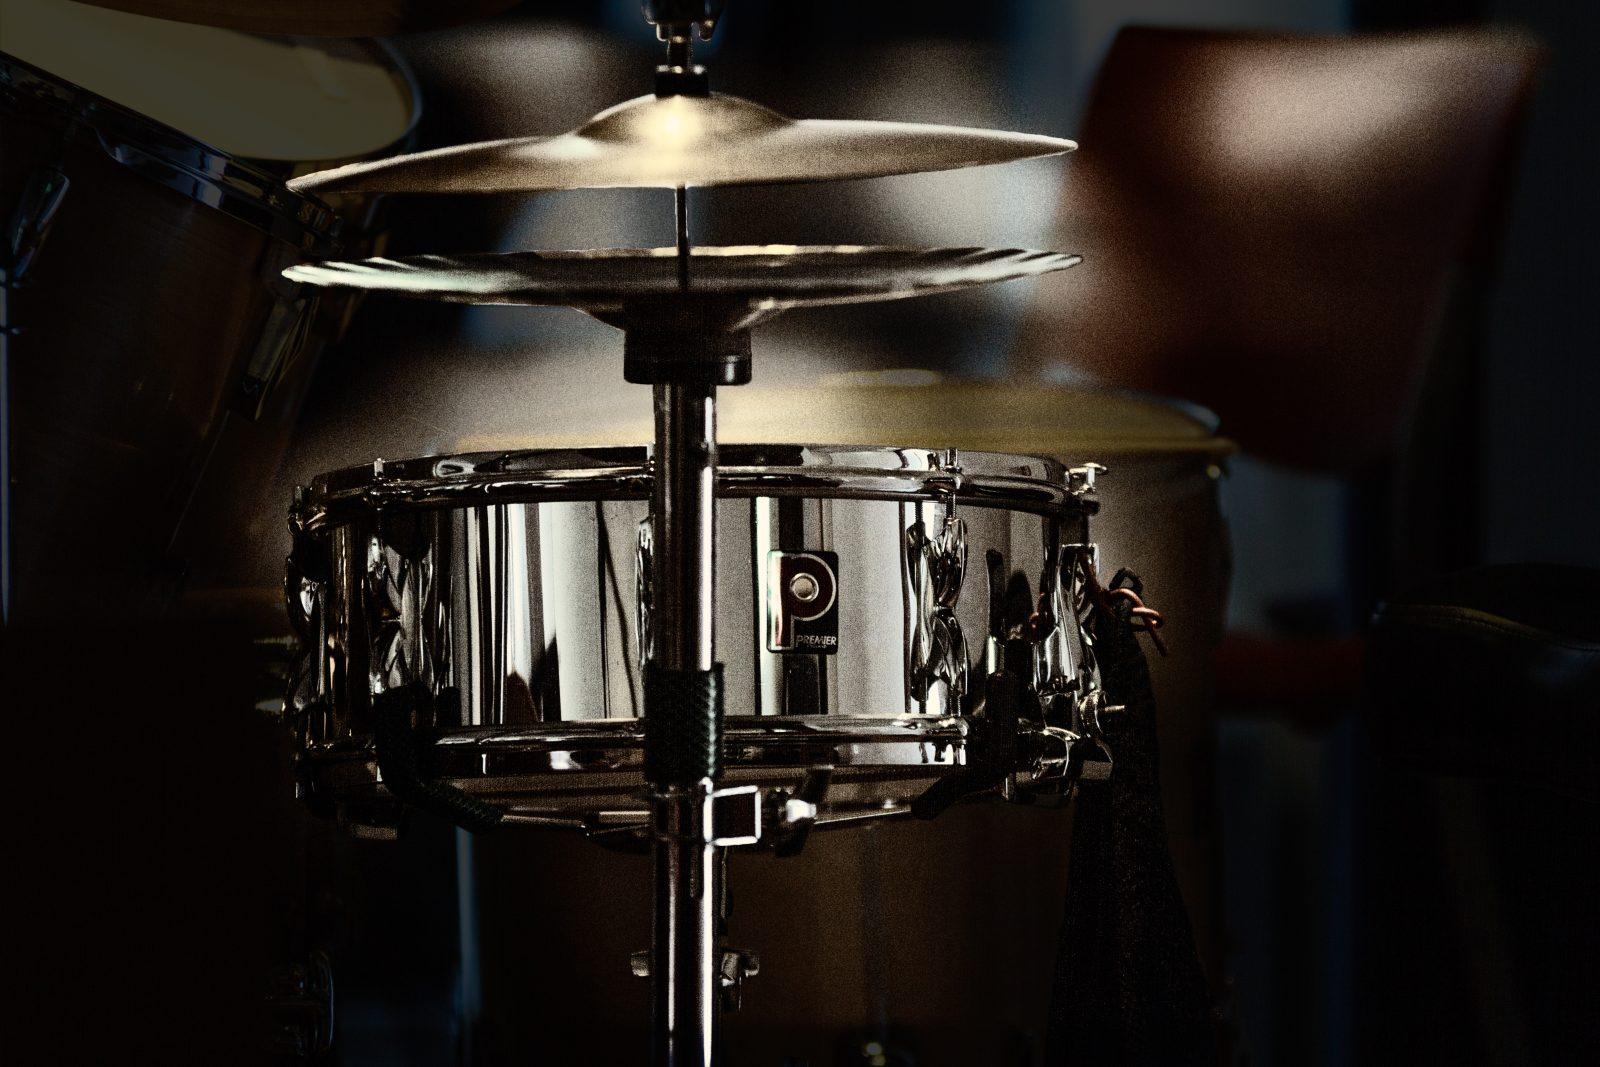 Sandlake-City-Jazzband-7927-bewerkt-2